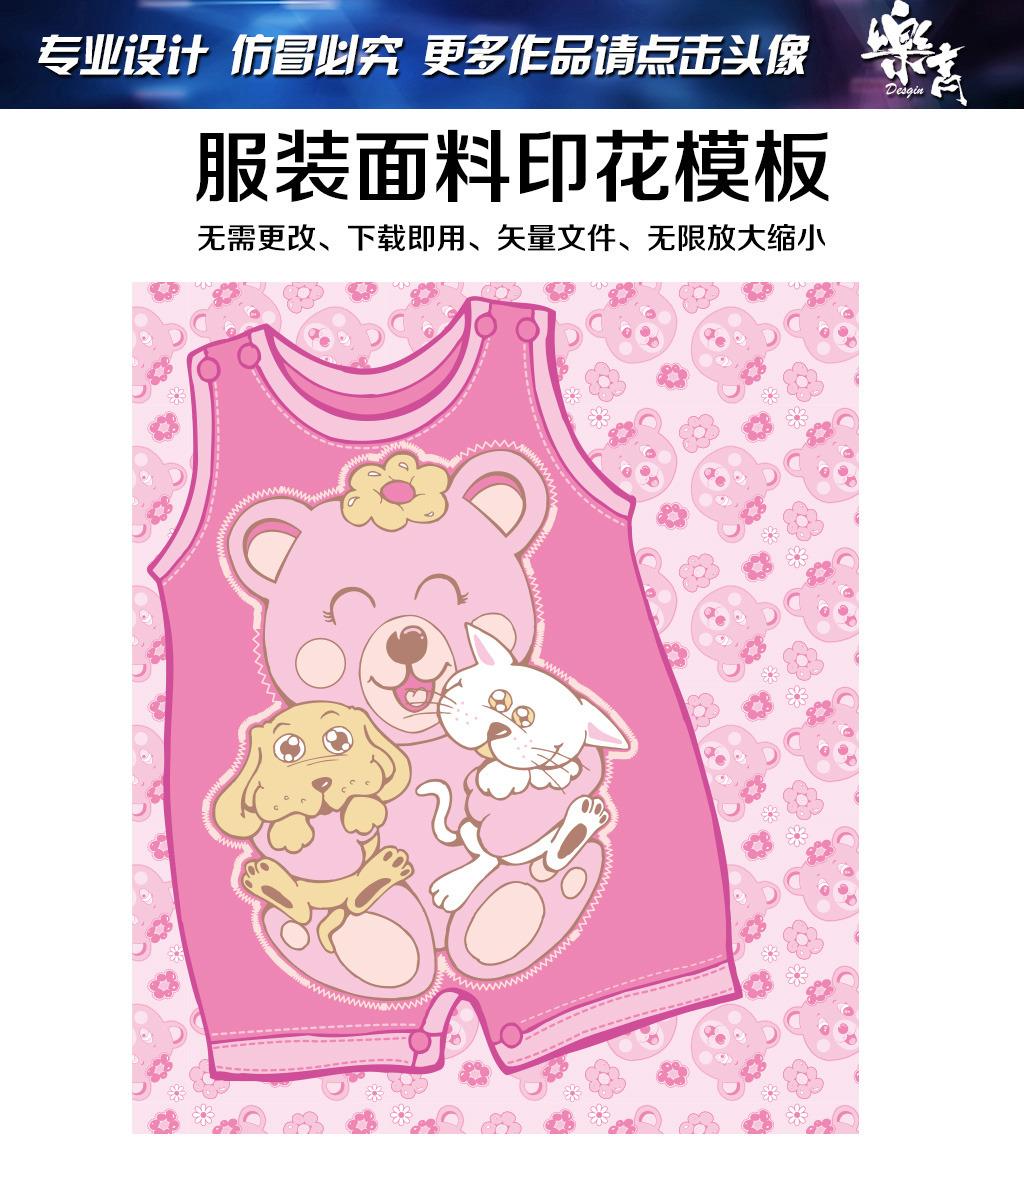 童装印花图案模板 童装印花图案 卡通素材 矢量图 小熊 北极熊 犀牛